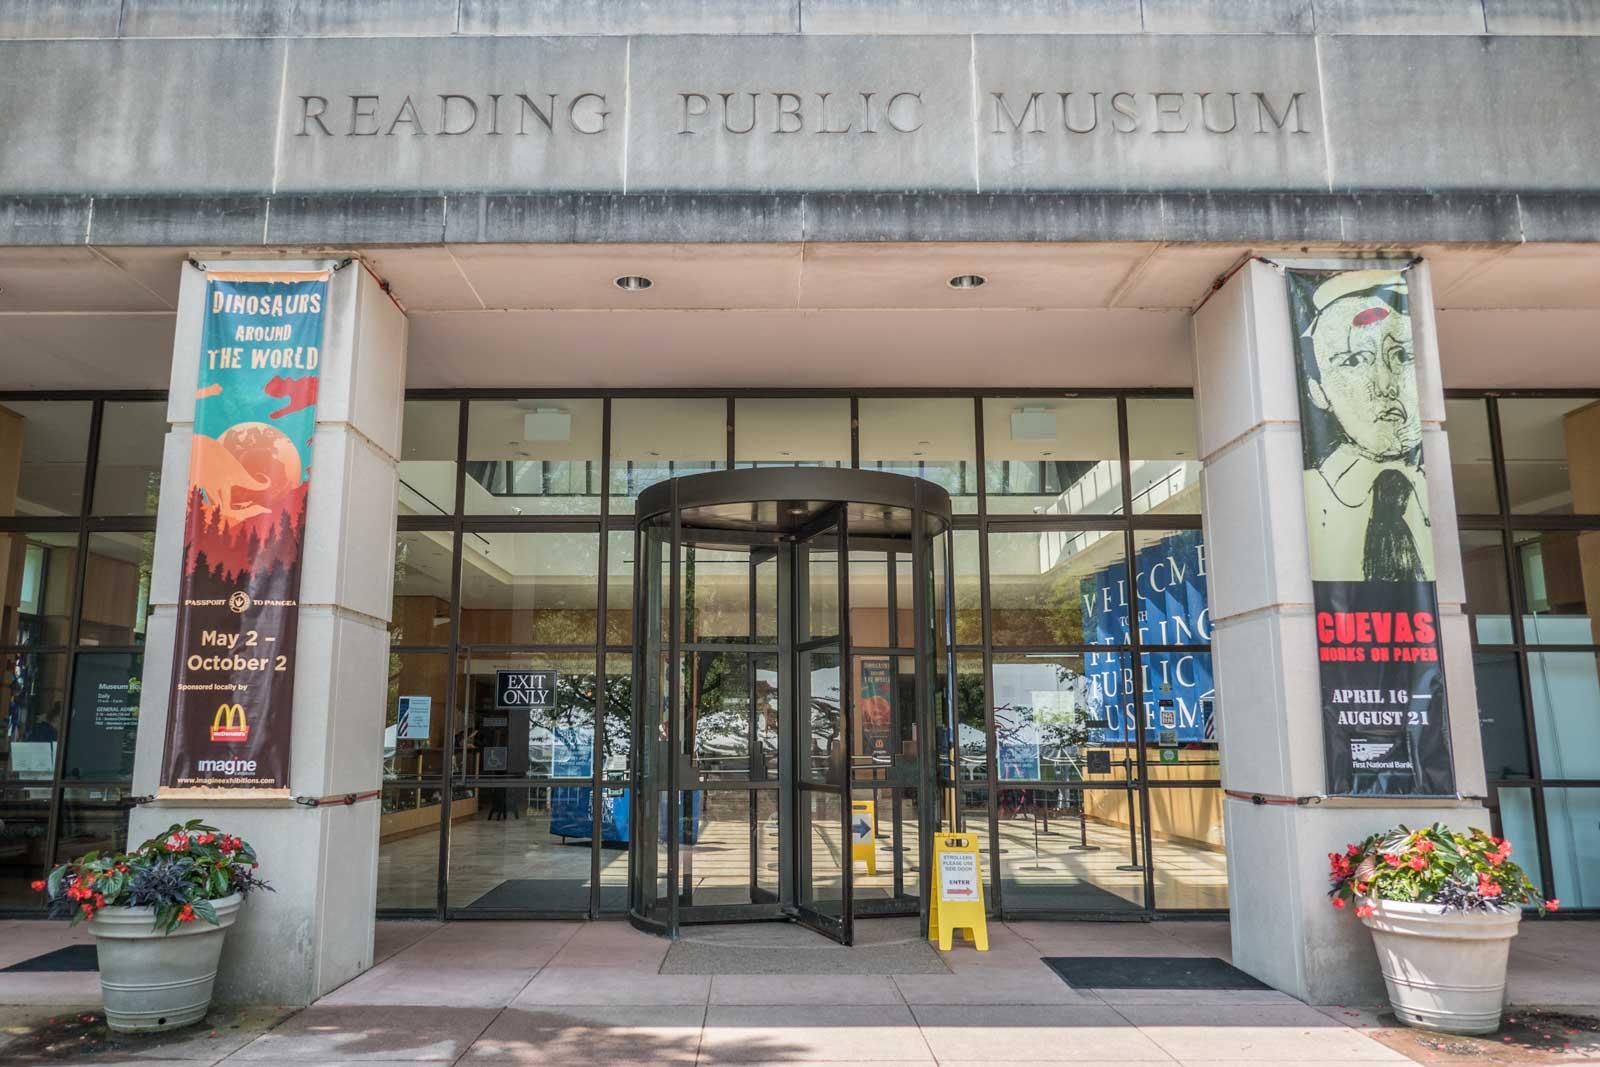 Reading Public Museum Image